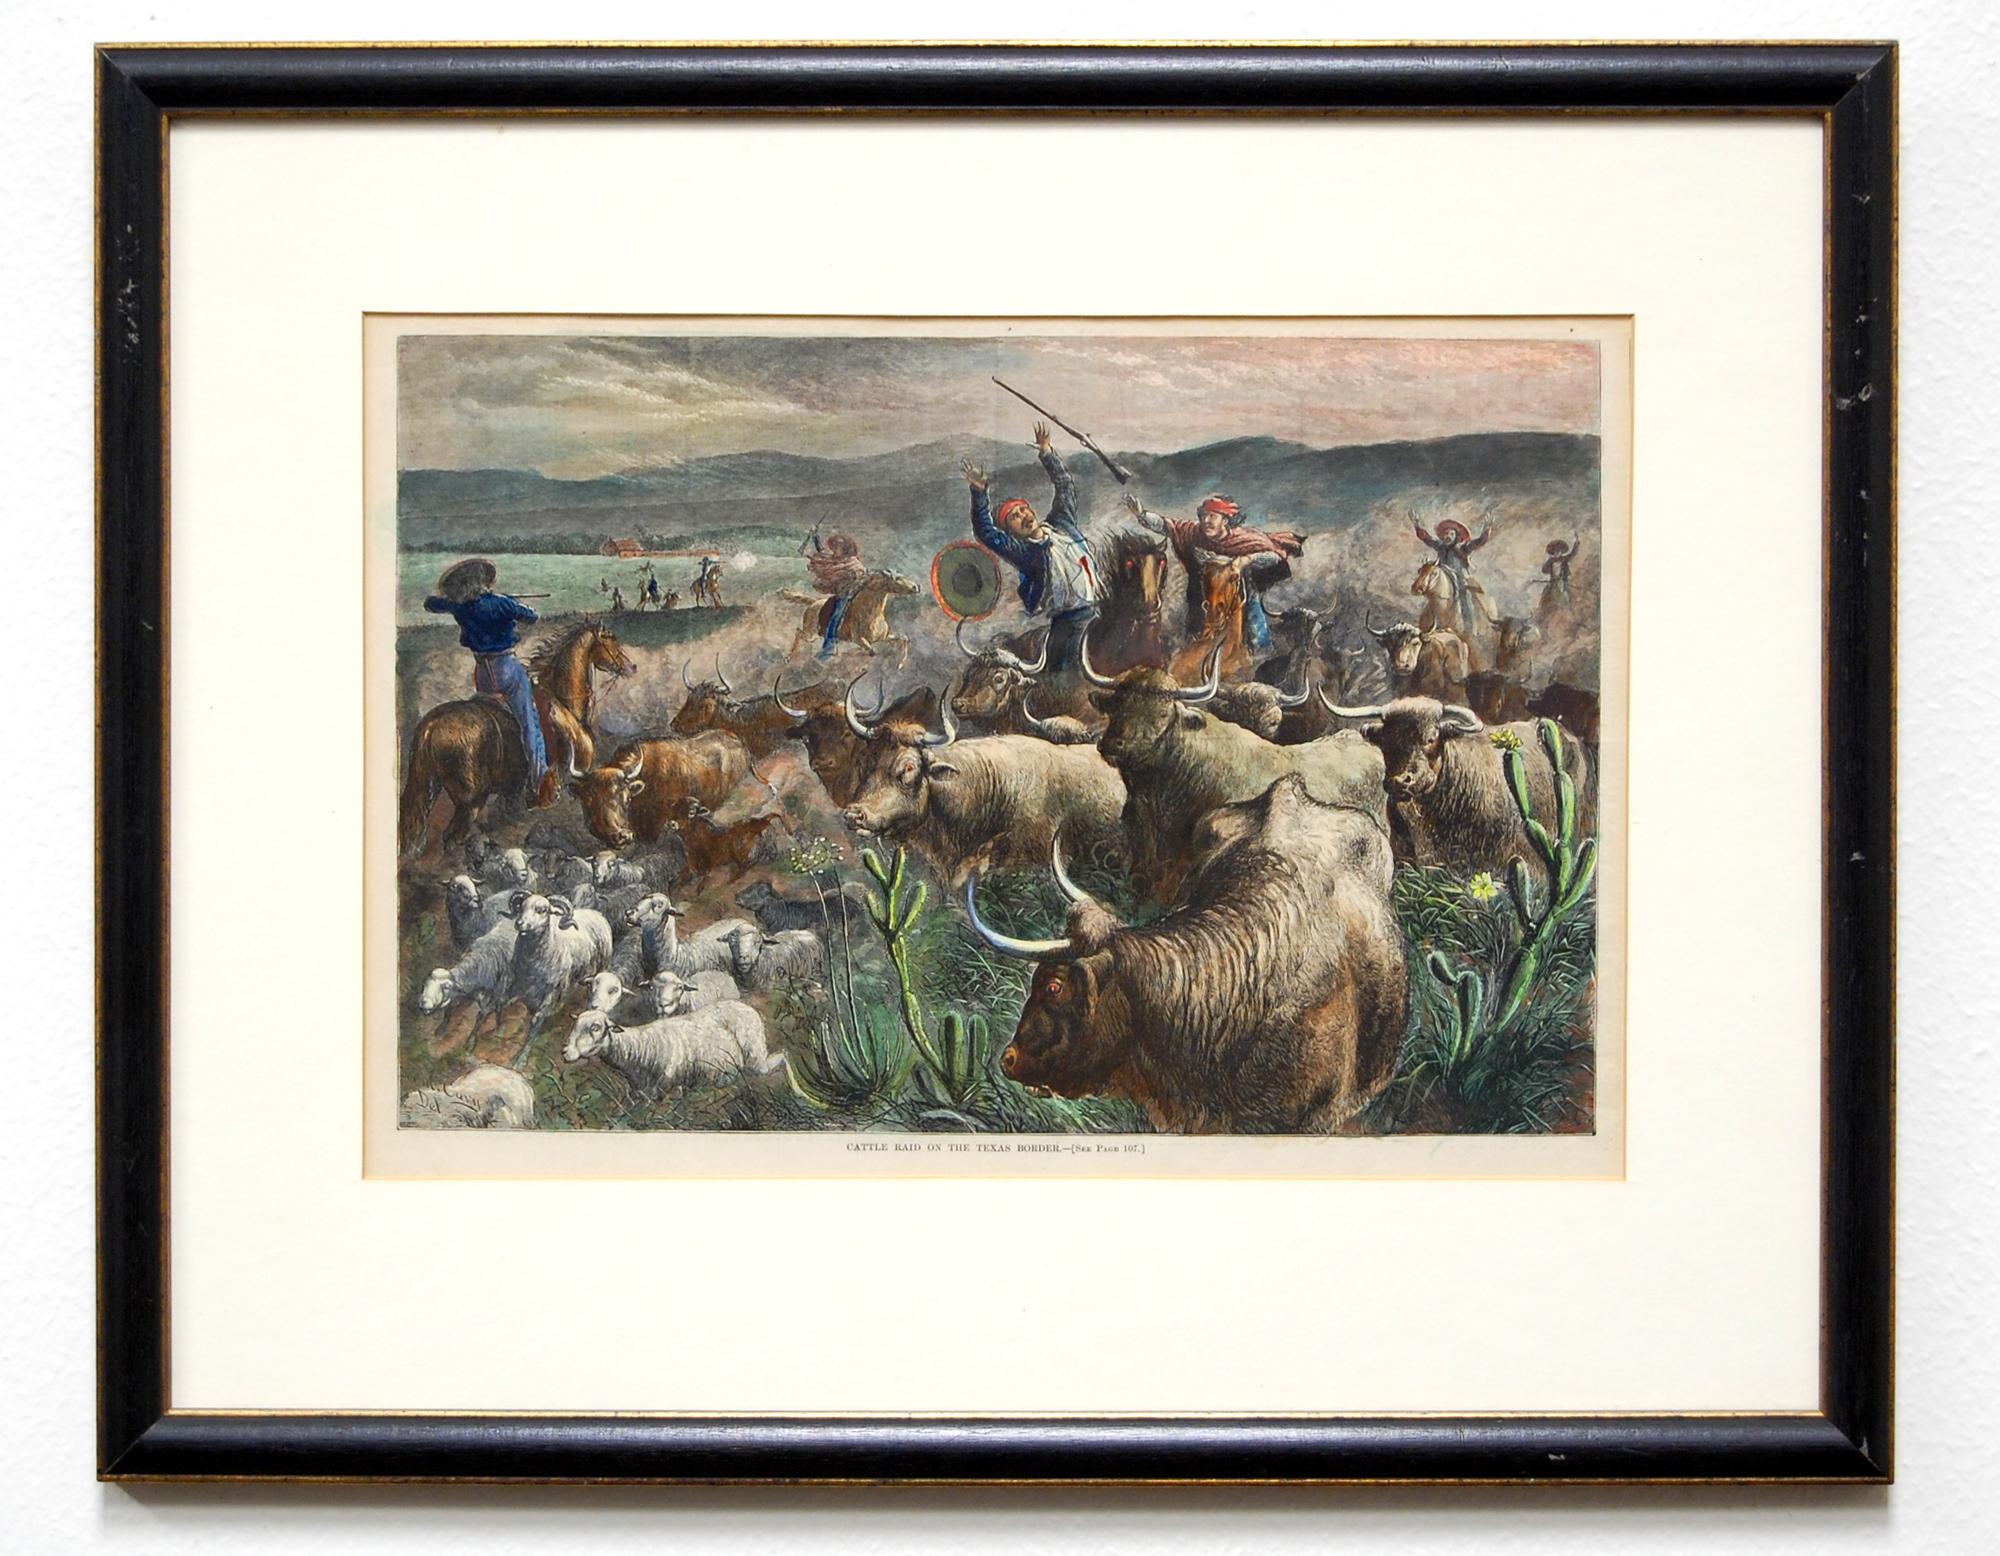 Warriors on horseback battle amongst herd of longhorn cattle and sheep